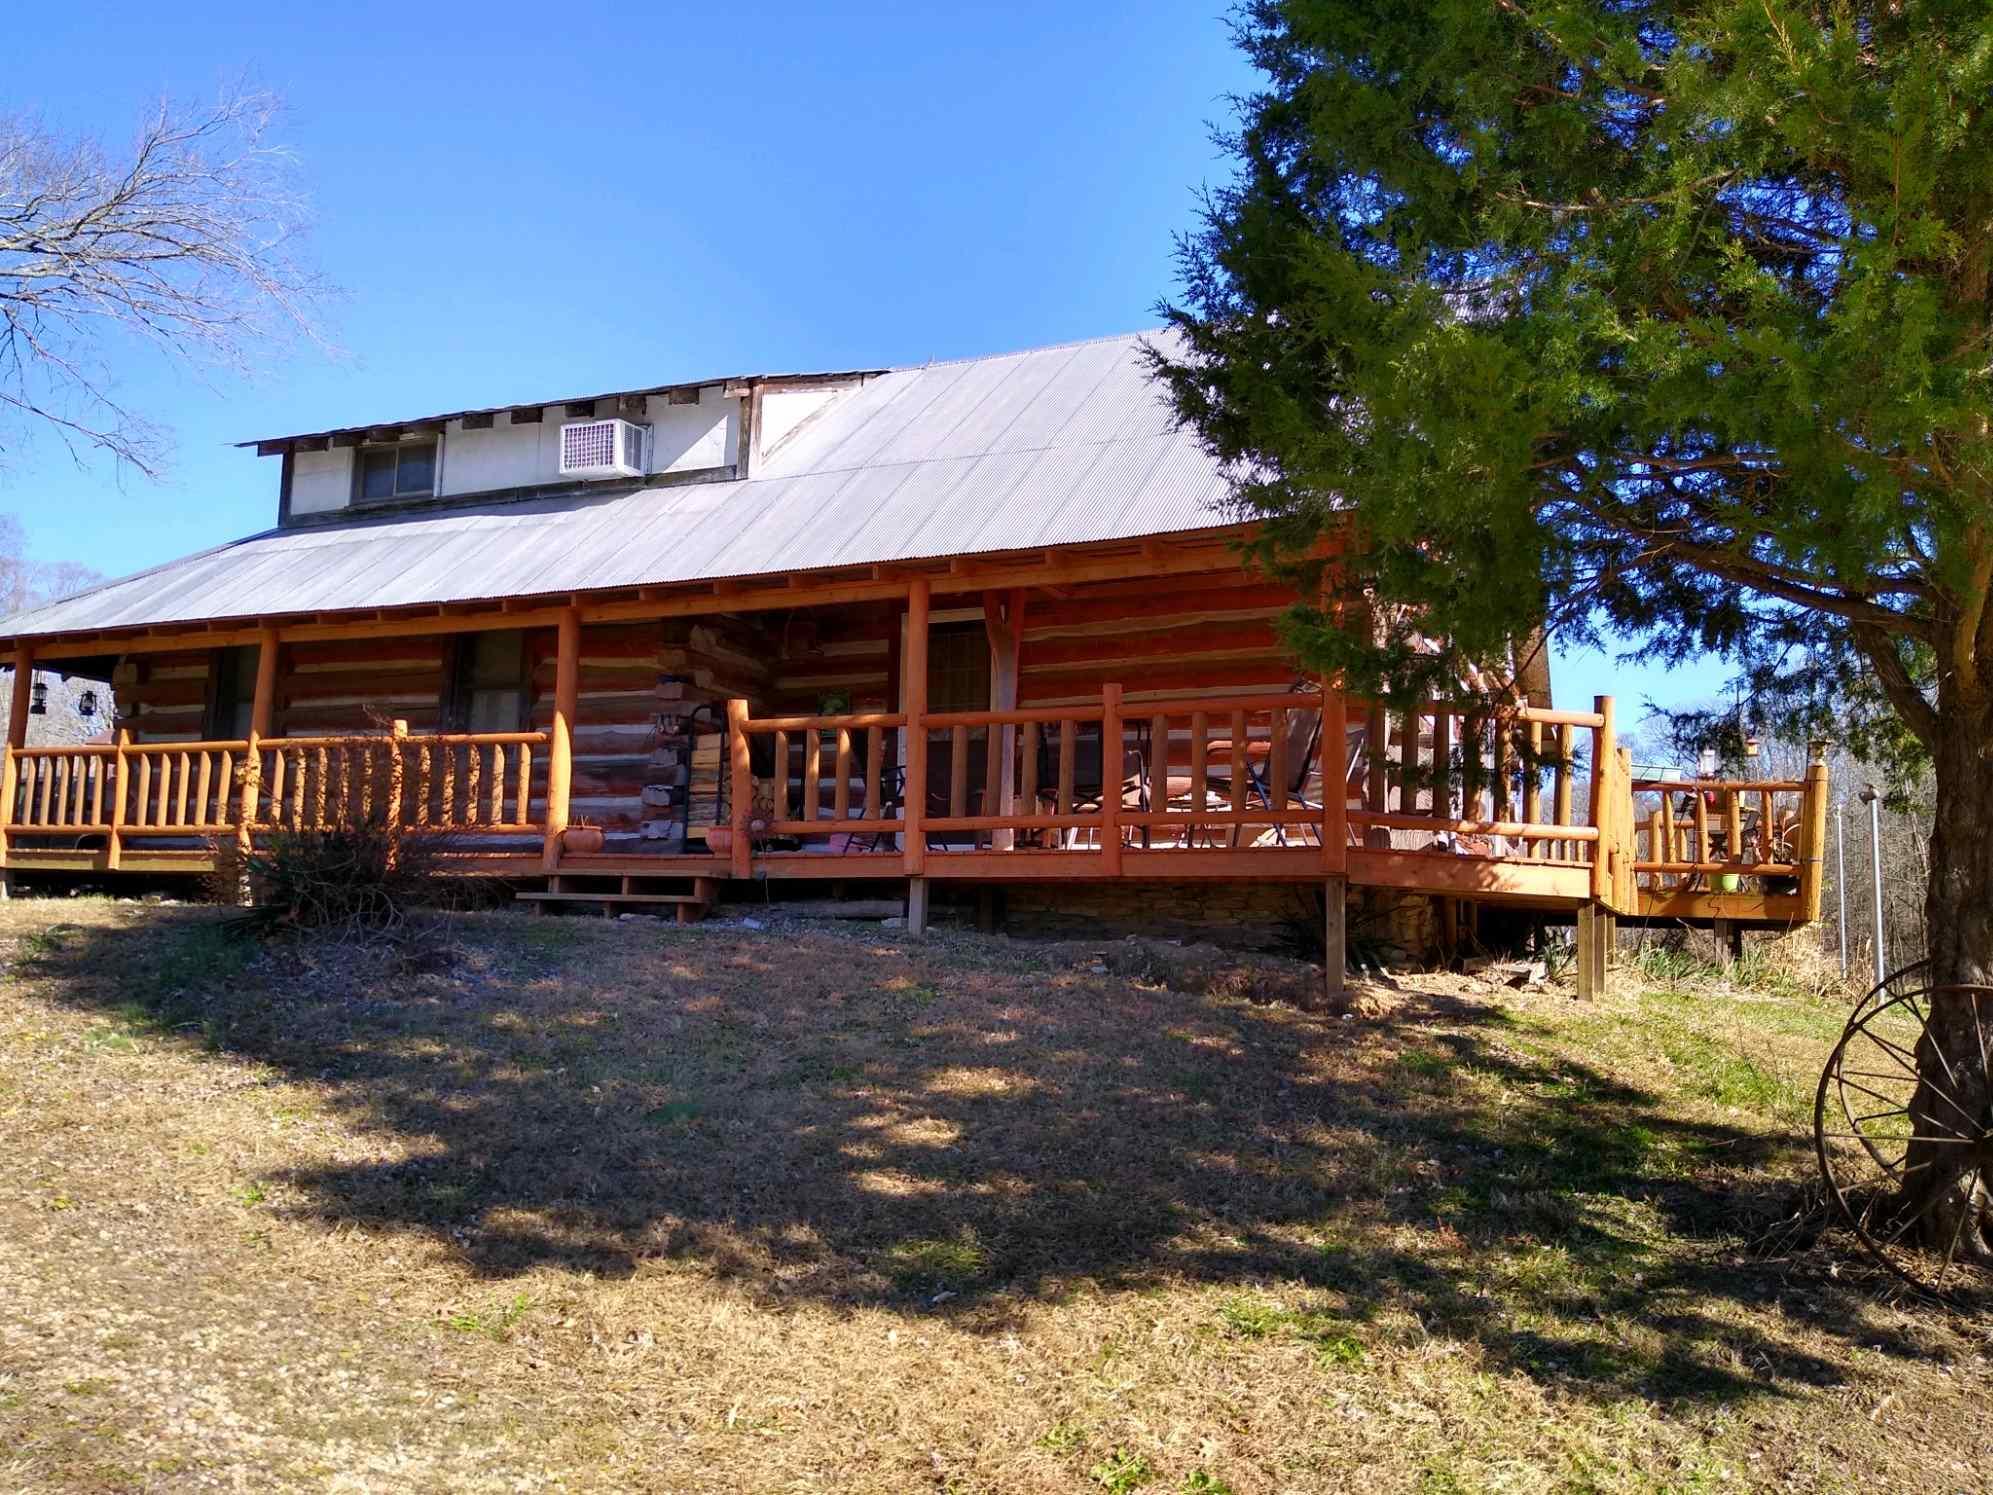 595 McRaven Property Photo - Jonesboro, IL real estate listing